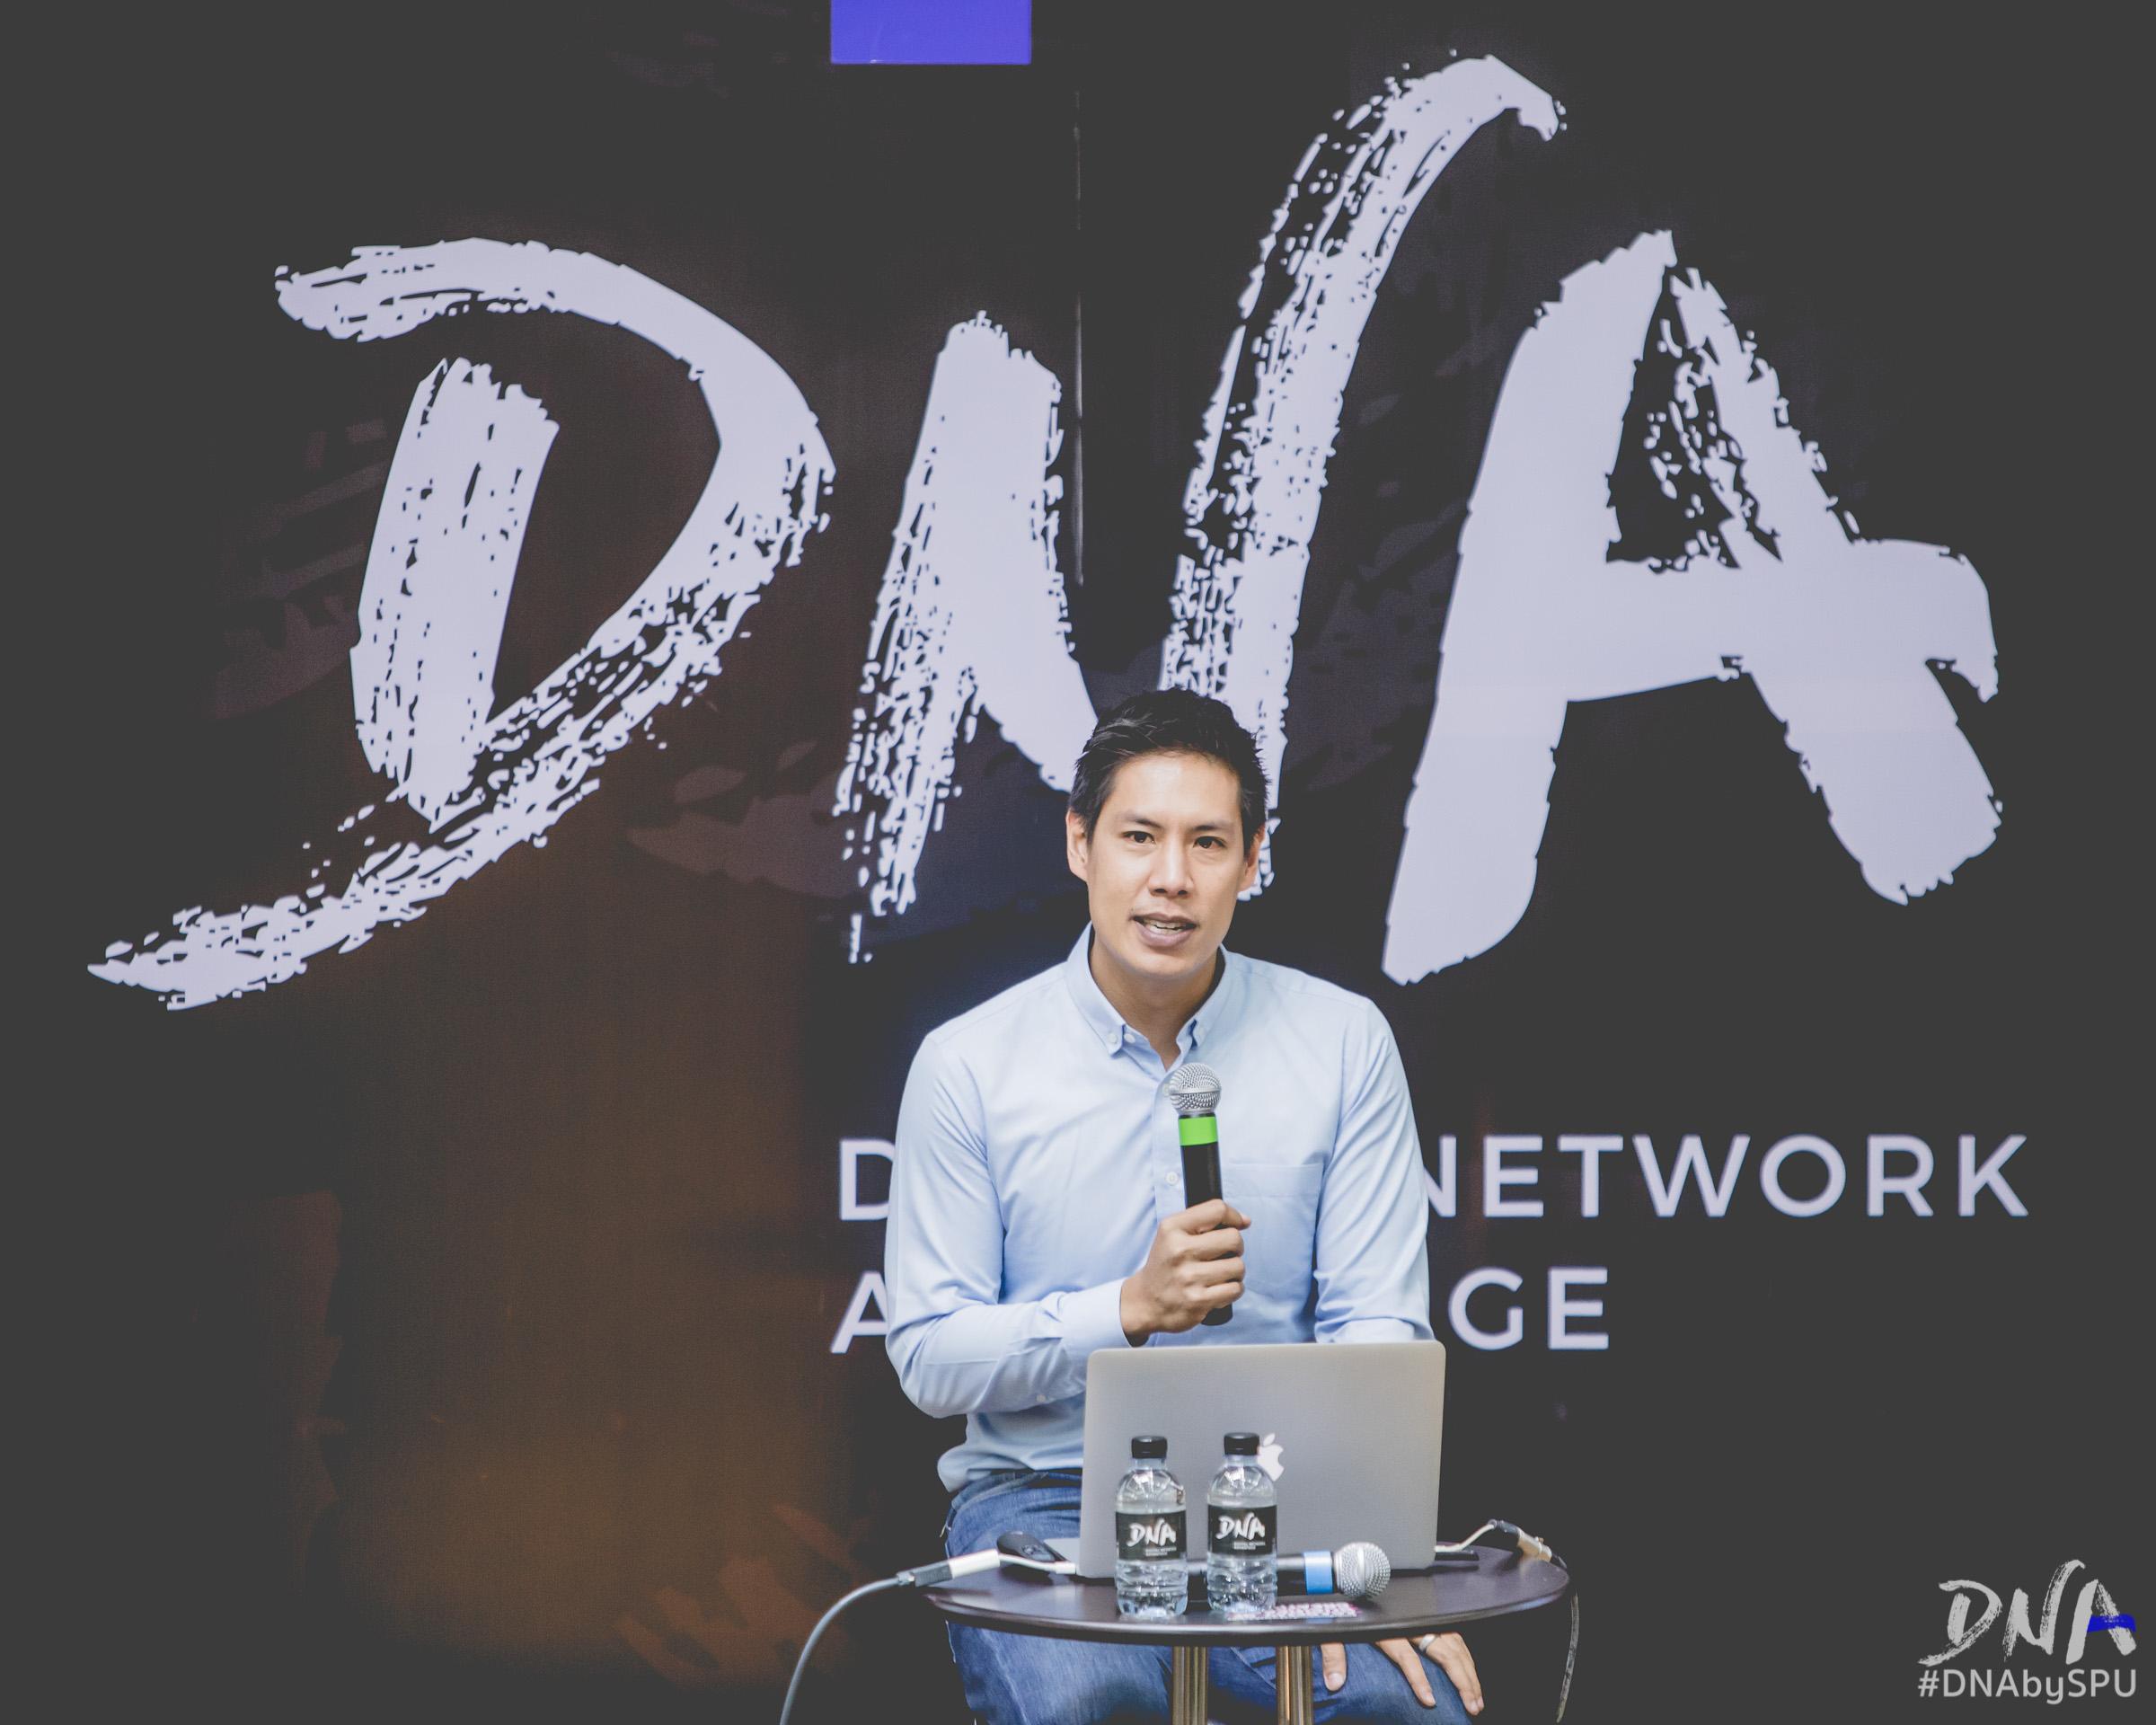 #DNAjournal EP.18 #DNAbySPU [Emerging Trend :: เทคโนโลยี…ที่เปลี่ยนเรา] คุณจอมทรัพย์ สิทธิพิทยา ผู้ก่อตั้งบริษัท EXZY Company Limited